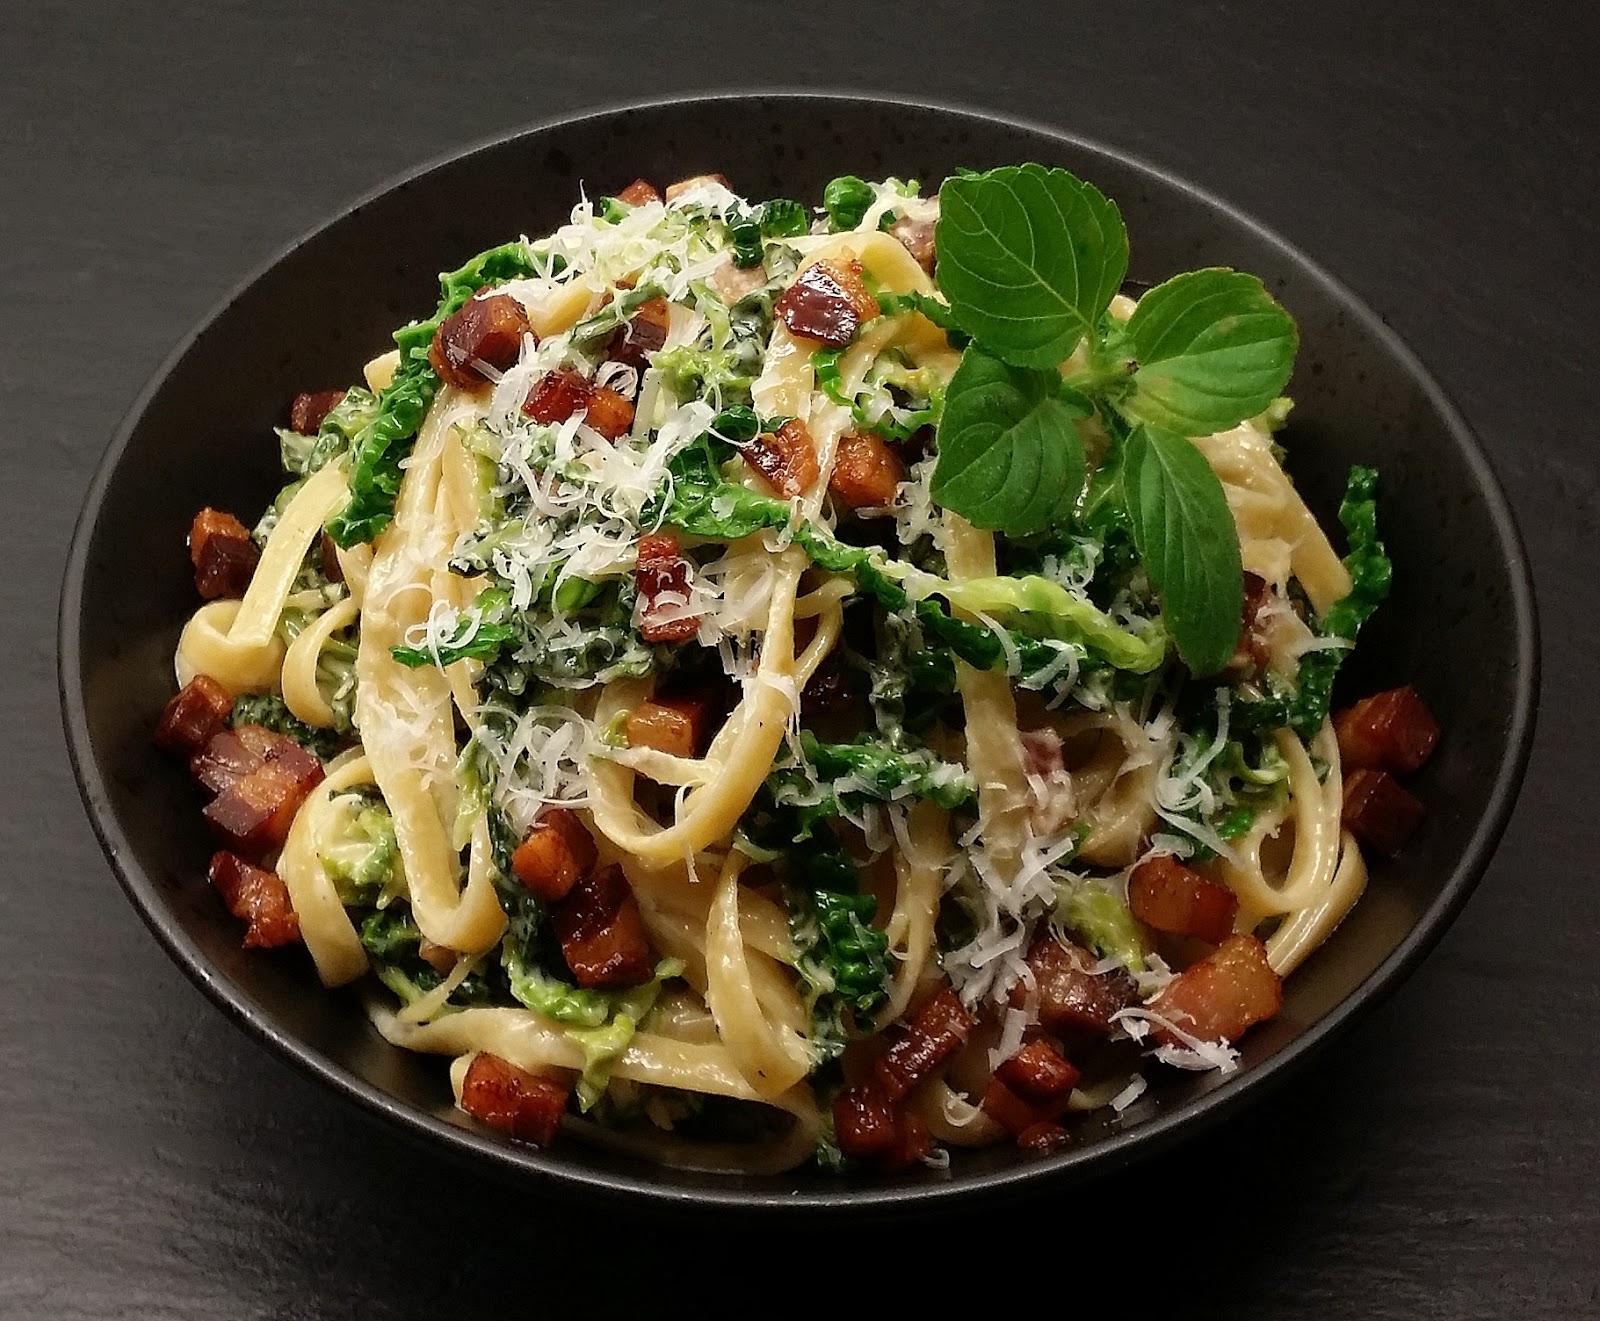 Klidmosterdk Flødekysset Savojkål Med Pasta Og Bacon Af Toscansk